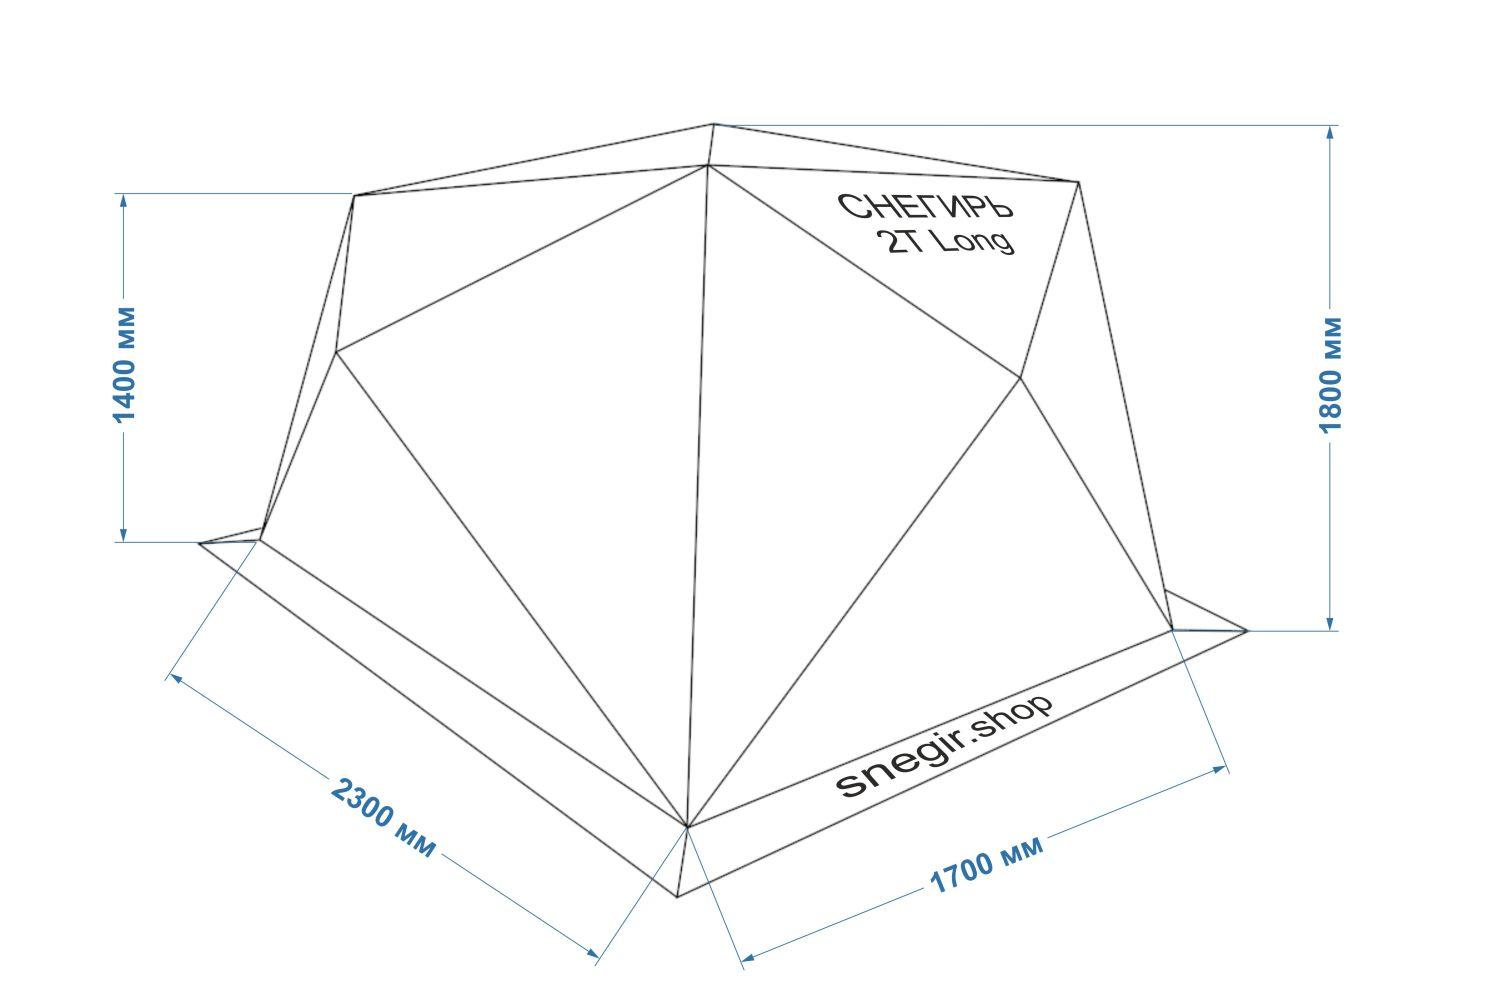 Схема с размерами палатки Снегирь 2Т Long